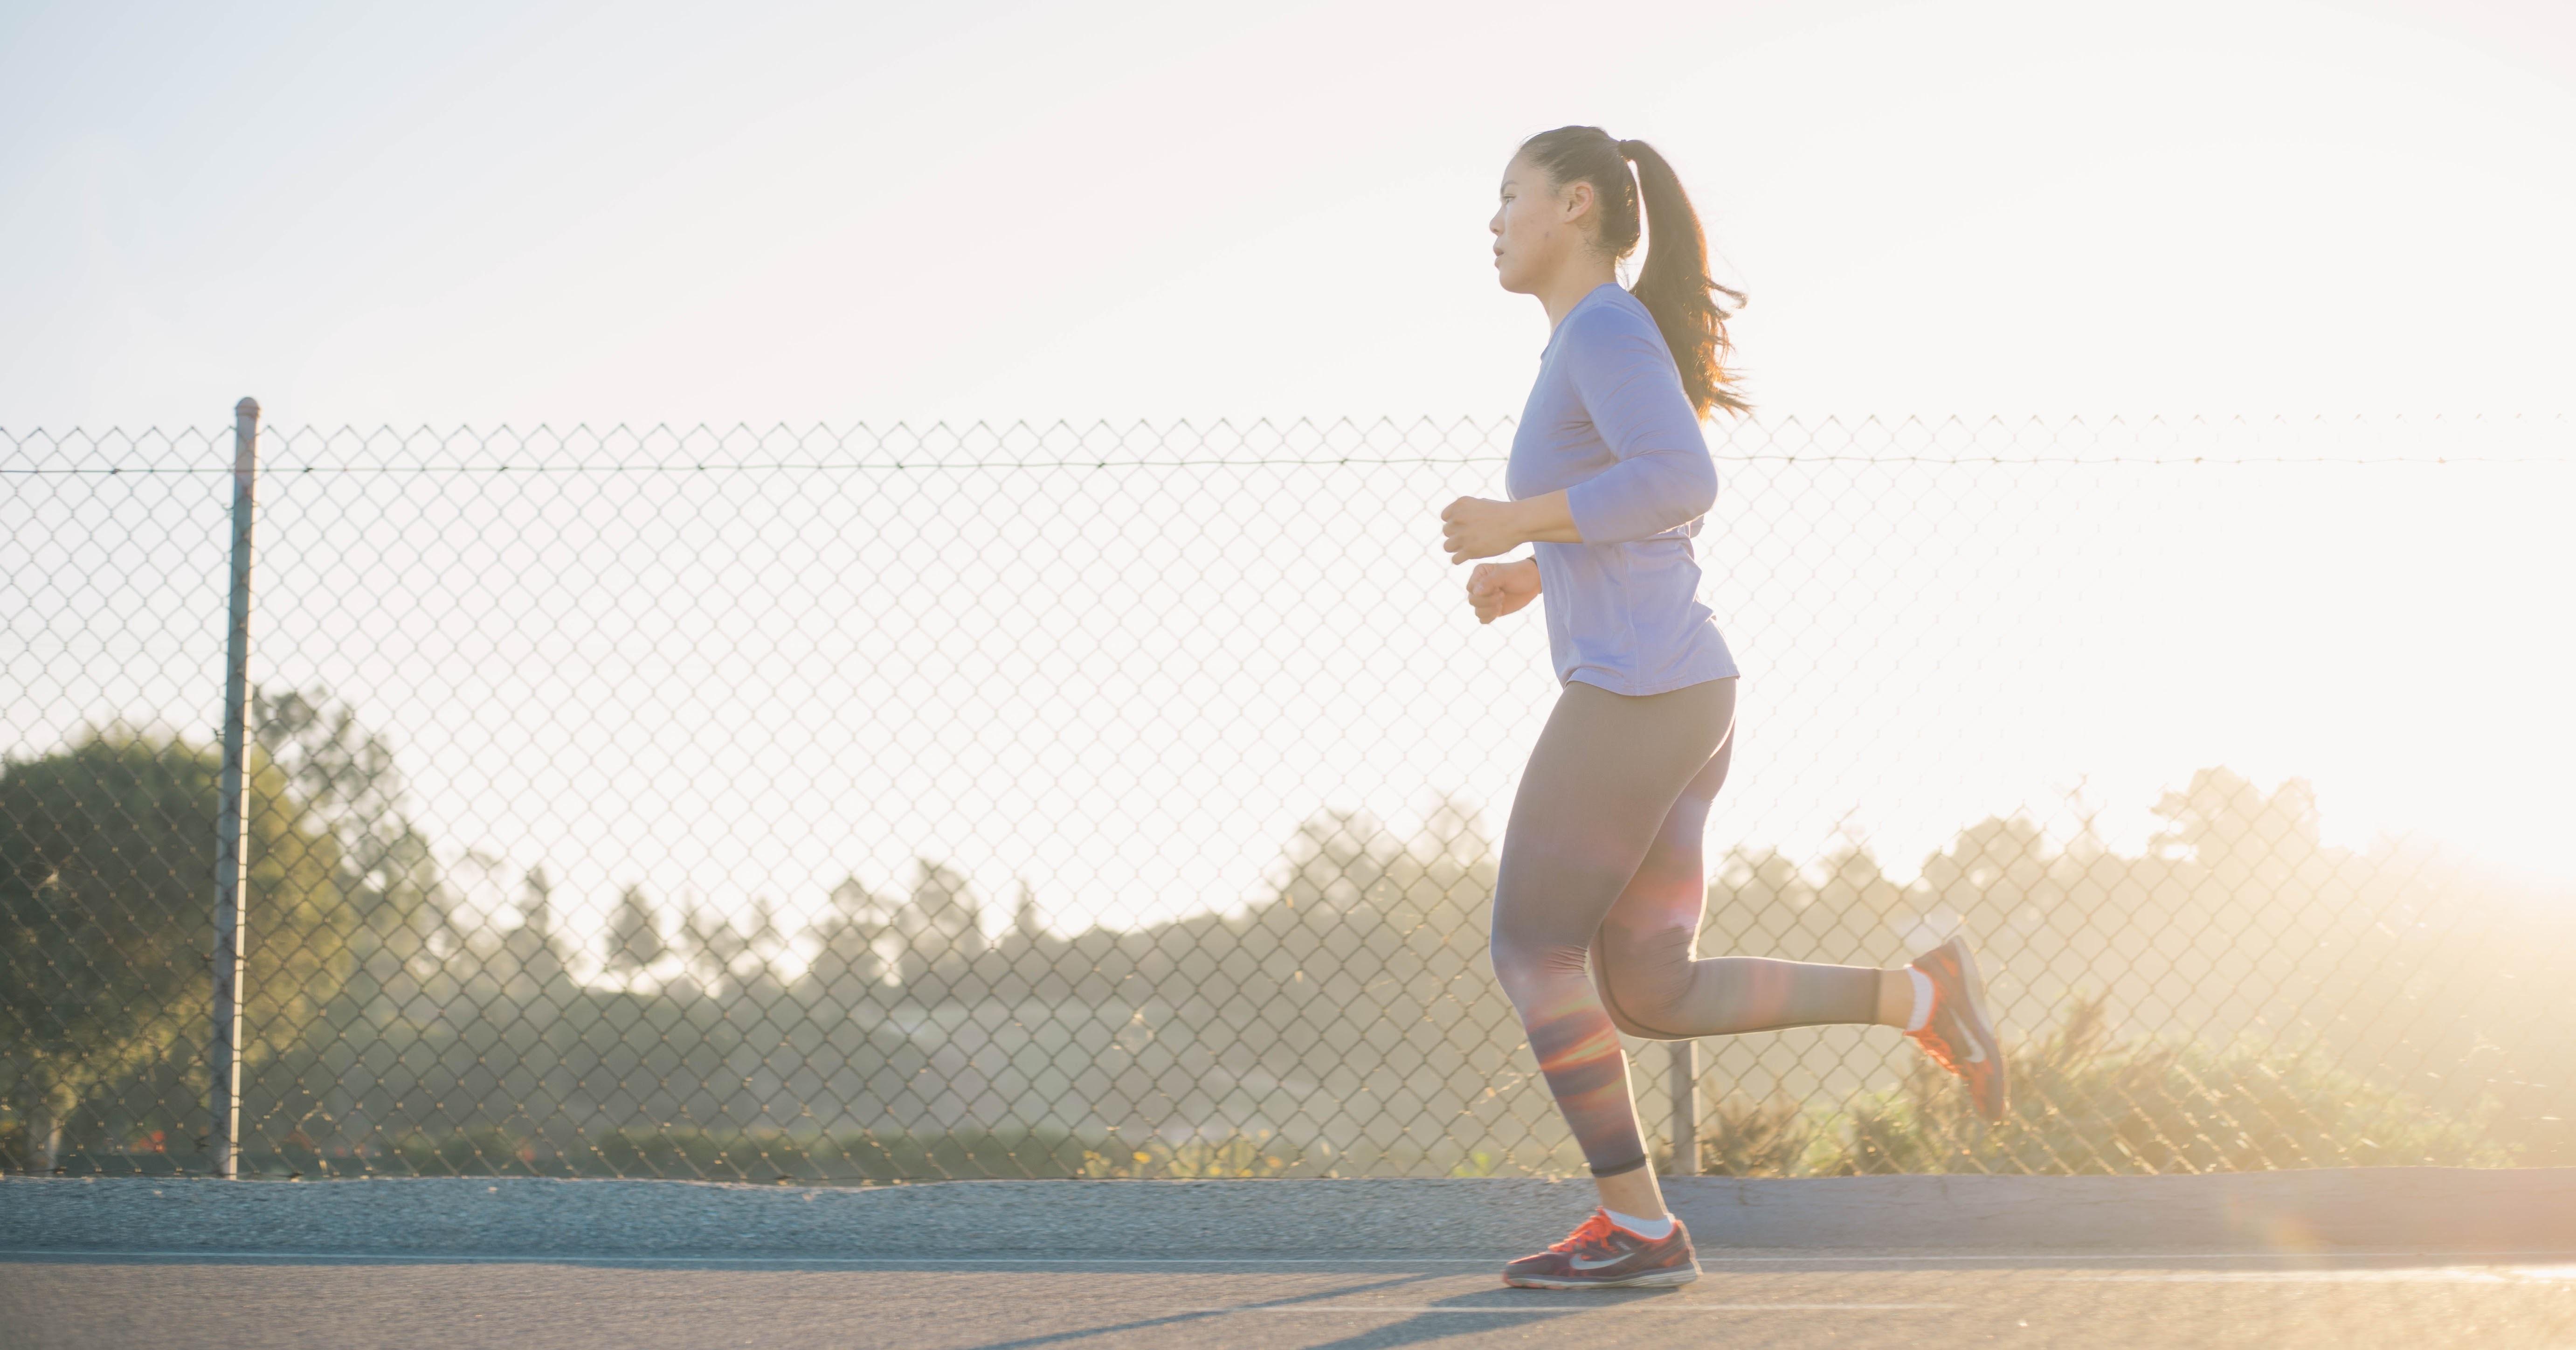 ท่าออกกำลังกาย วิธีออกกำลังกายลดน้ำหนัก ผู้หญิง ออกกำลังกายลดไขมัน ออกกำลังกายลดน้ำหนักเร็วที่สุด